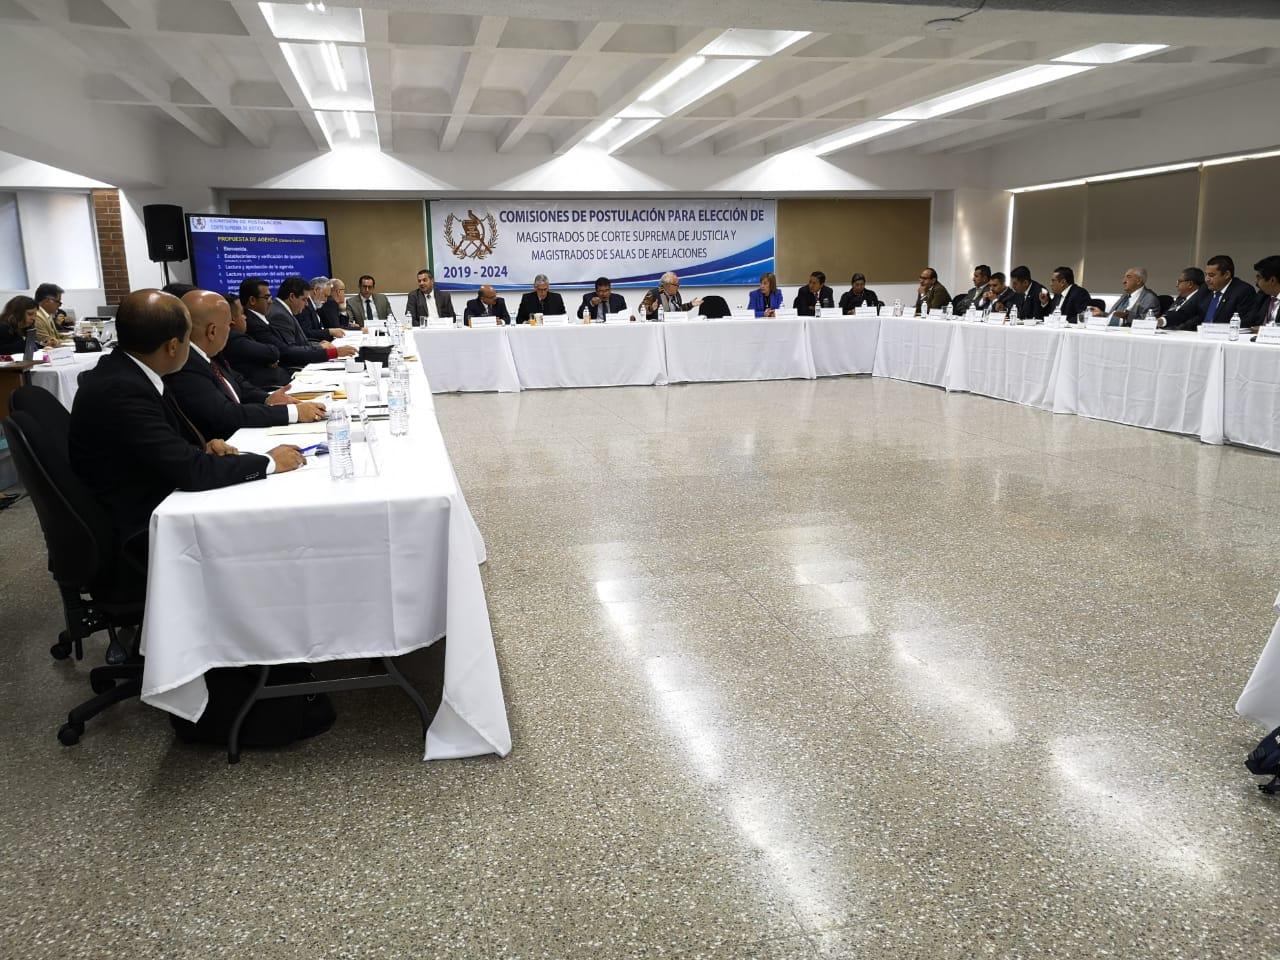 Postuladora para aspirantes a magistrados de la CSJ no logra acuerdos sobre tabla de gradación